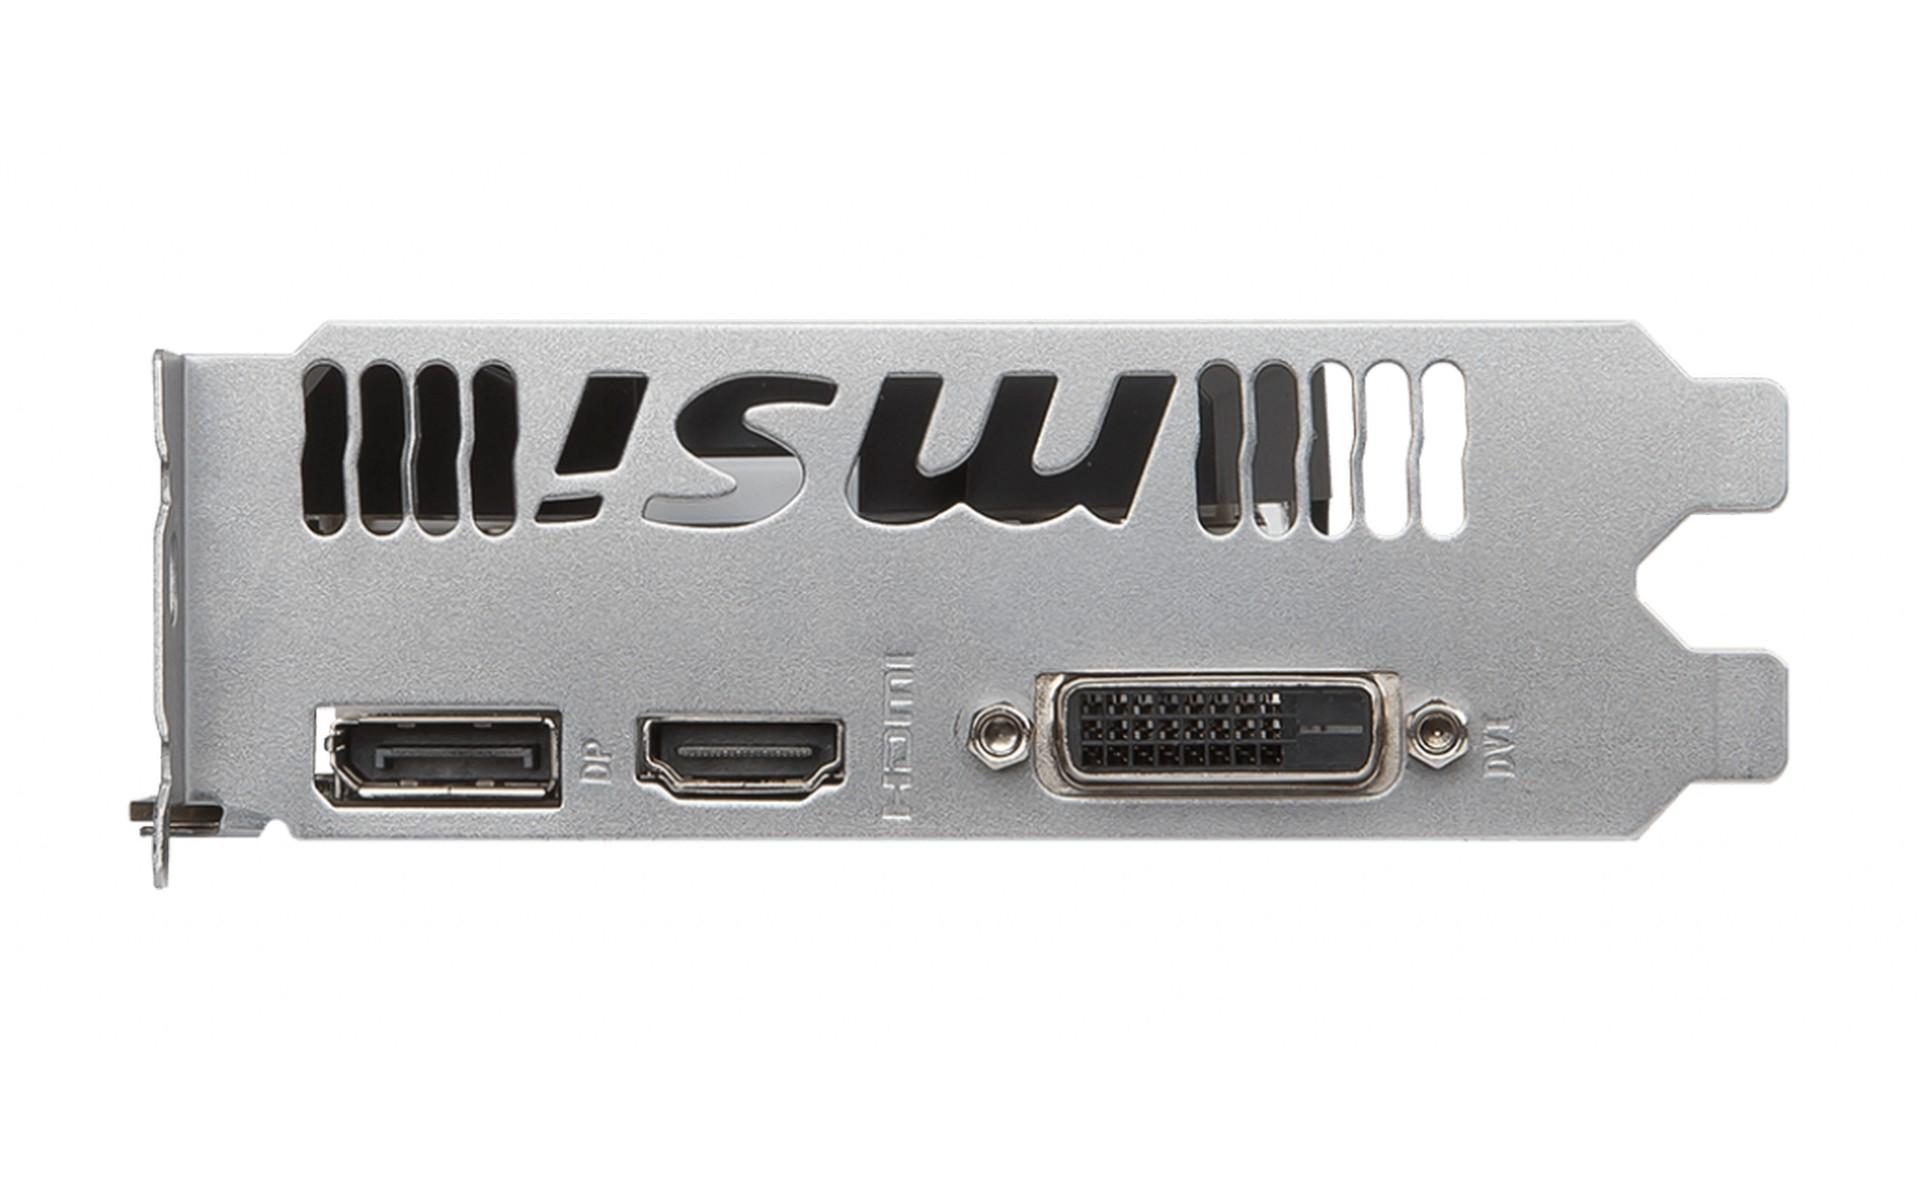 Card Màn Hình MSI GTX 1050 Ti 4GB GDDR5 OC V1 được xây dụng dựa trên kiến trúc Pascal